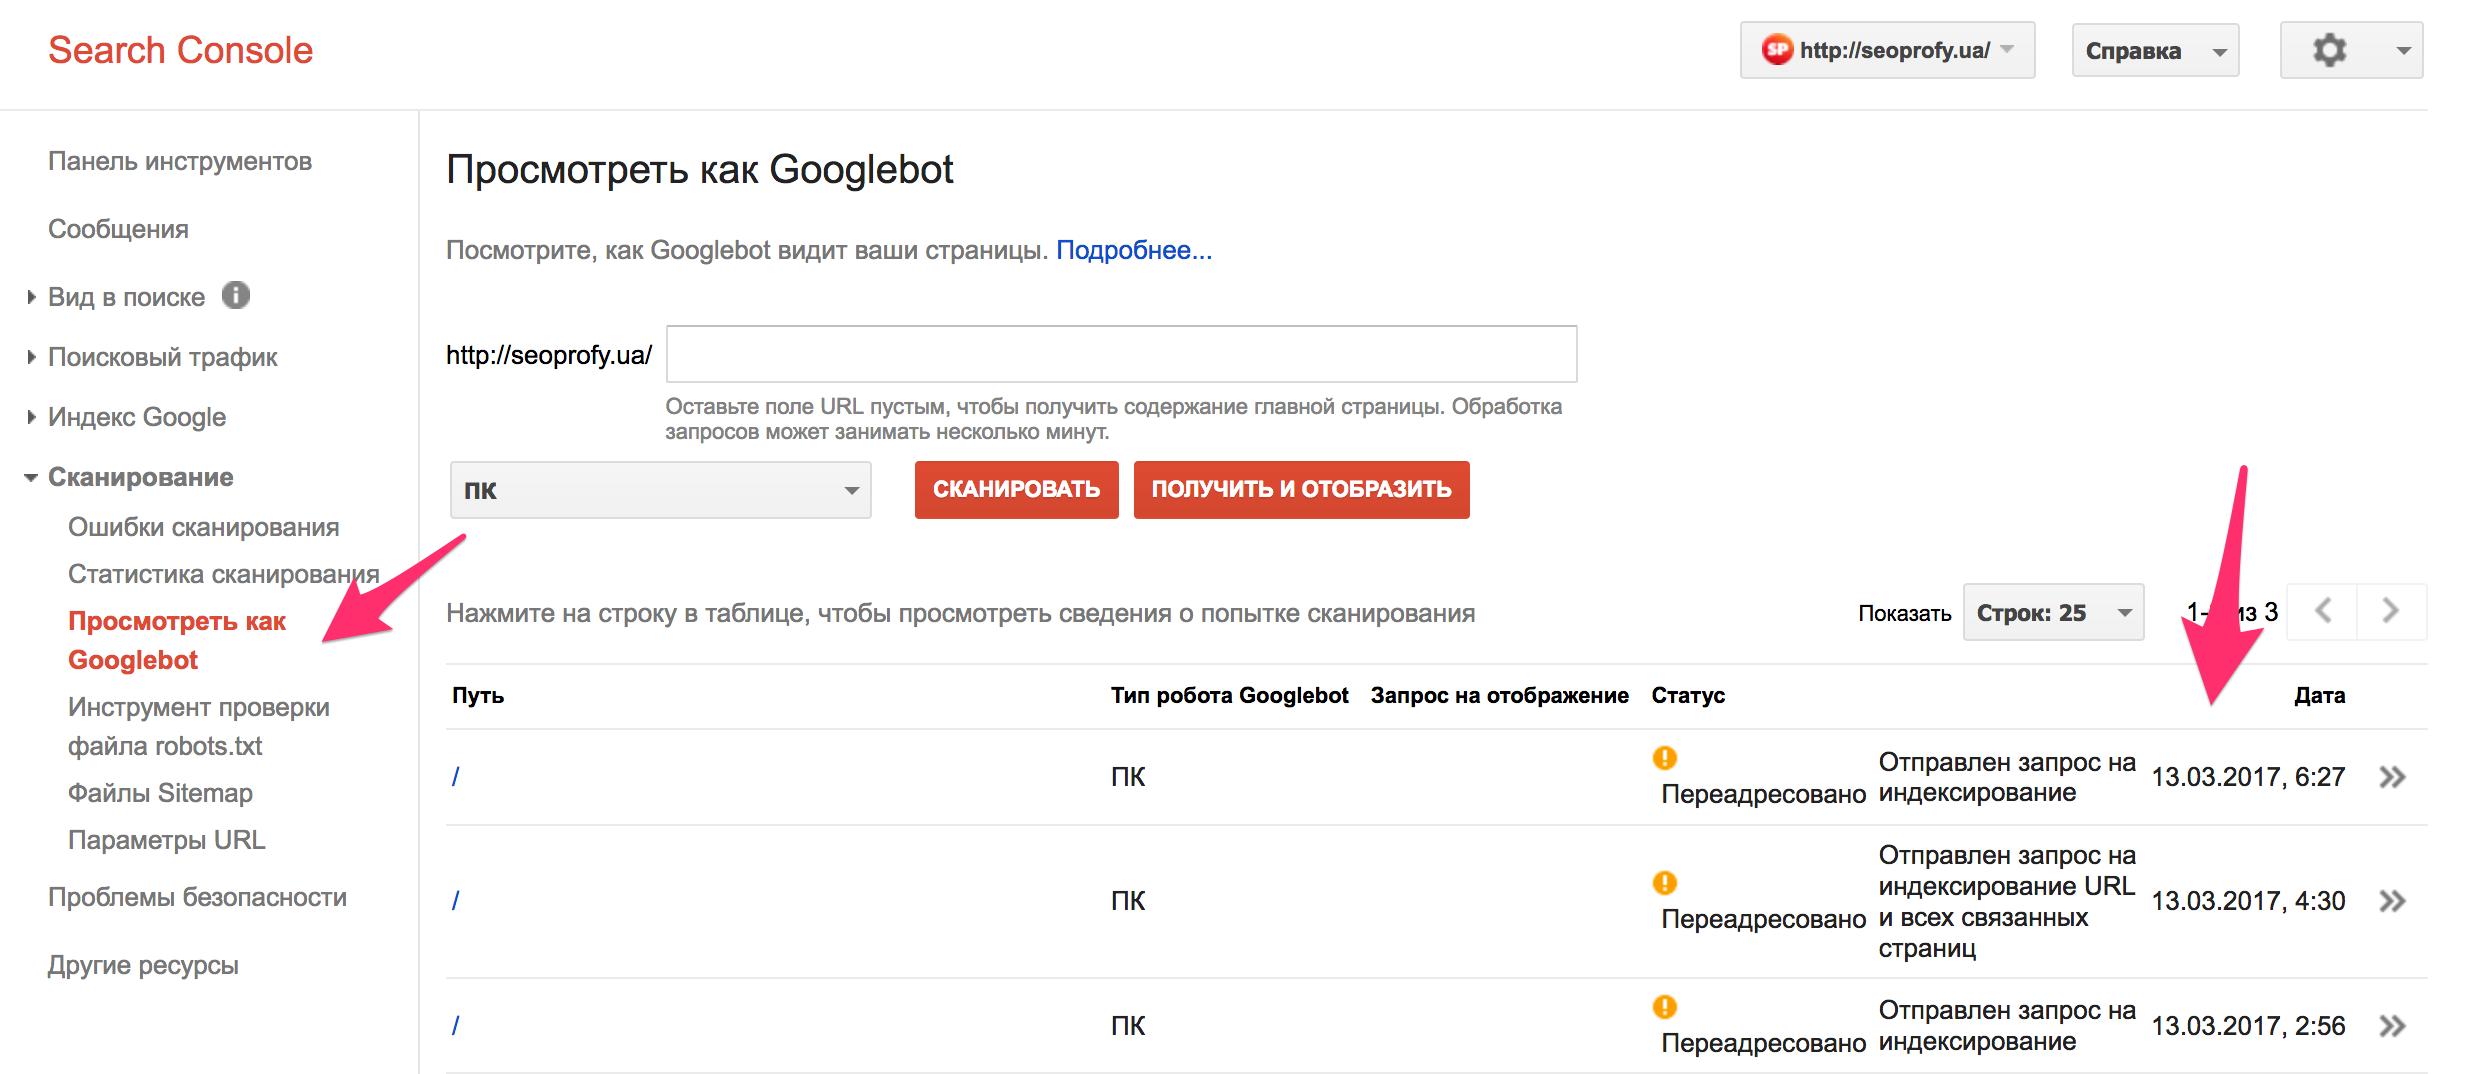 просмотрен как Google Bot